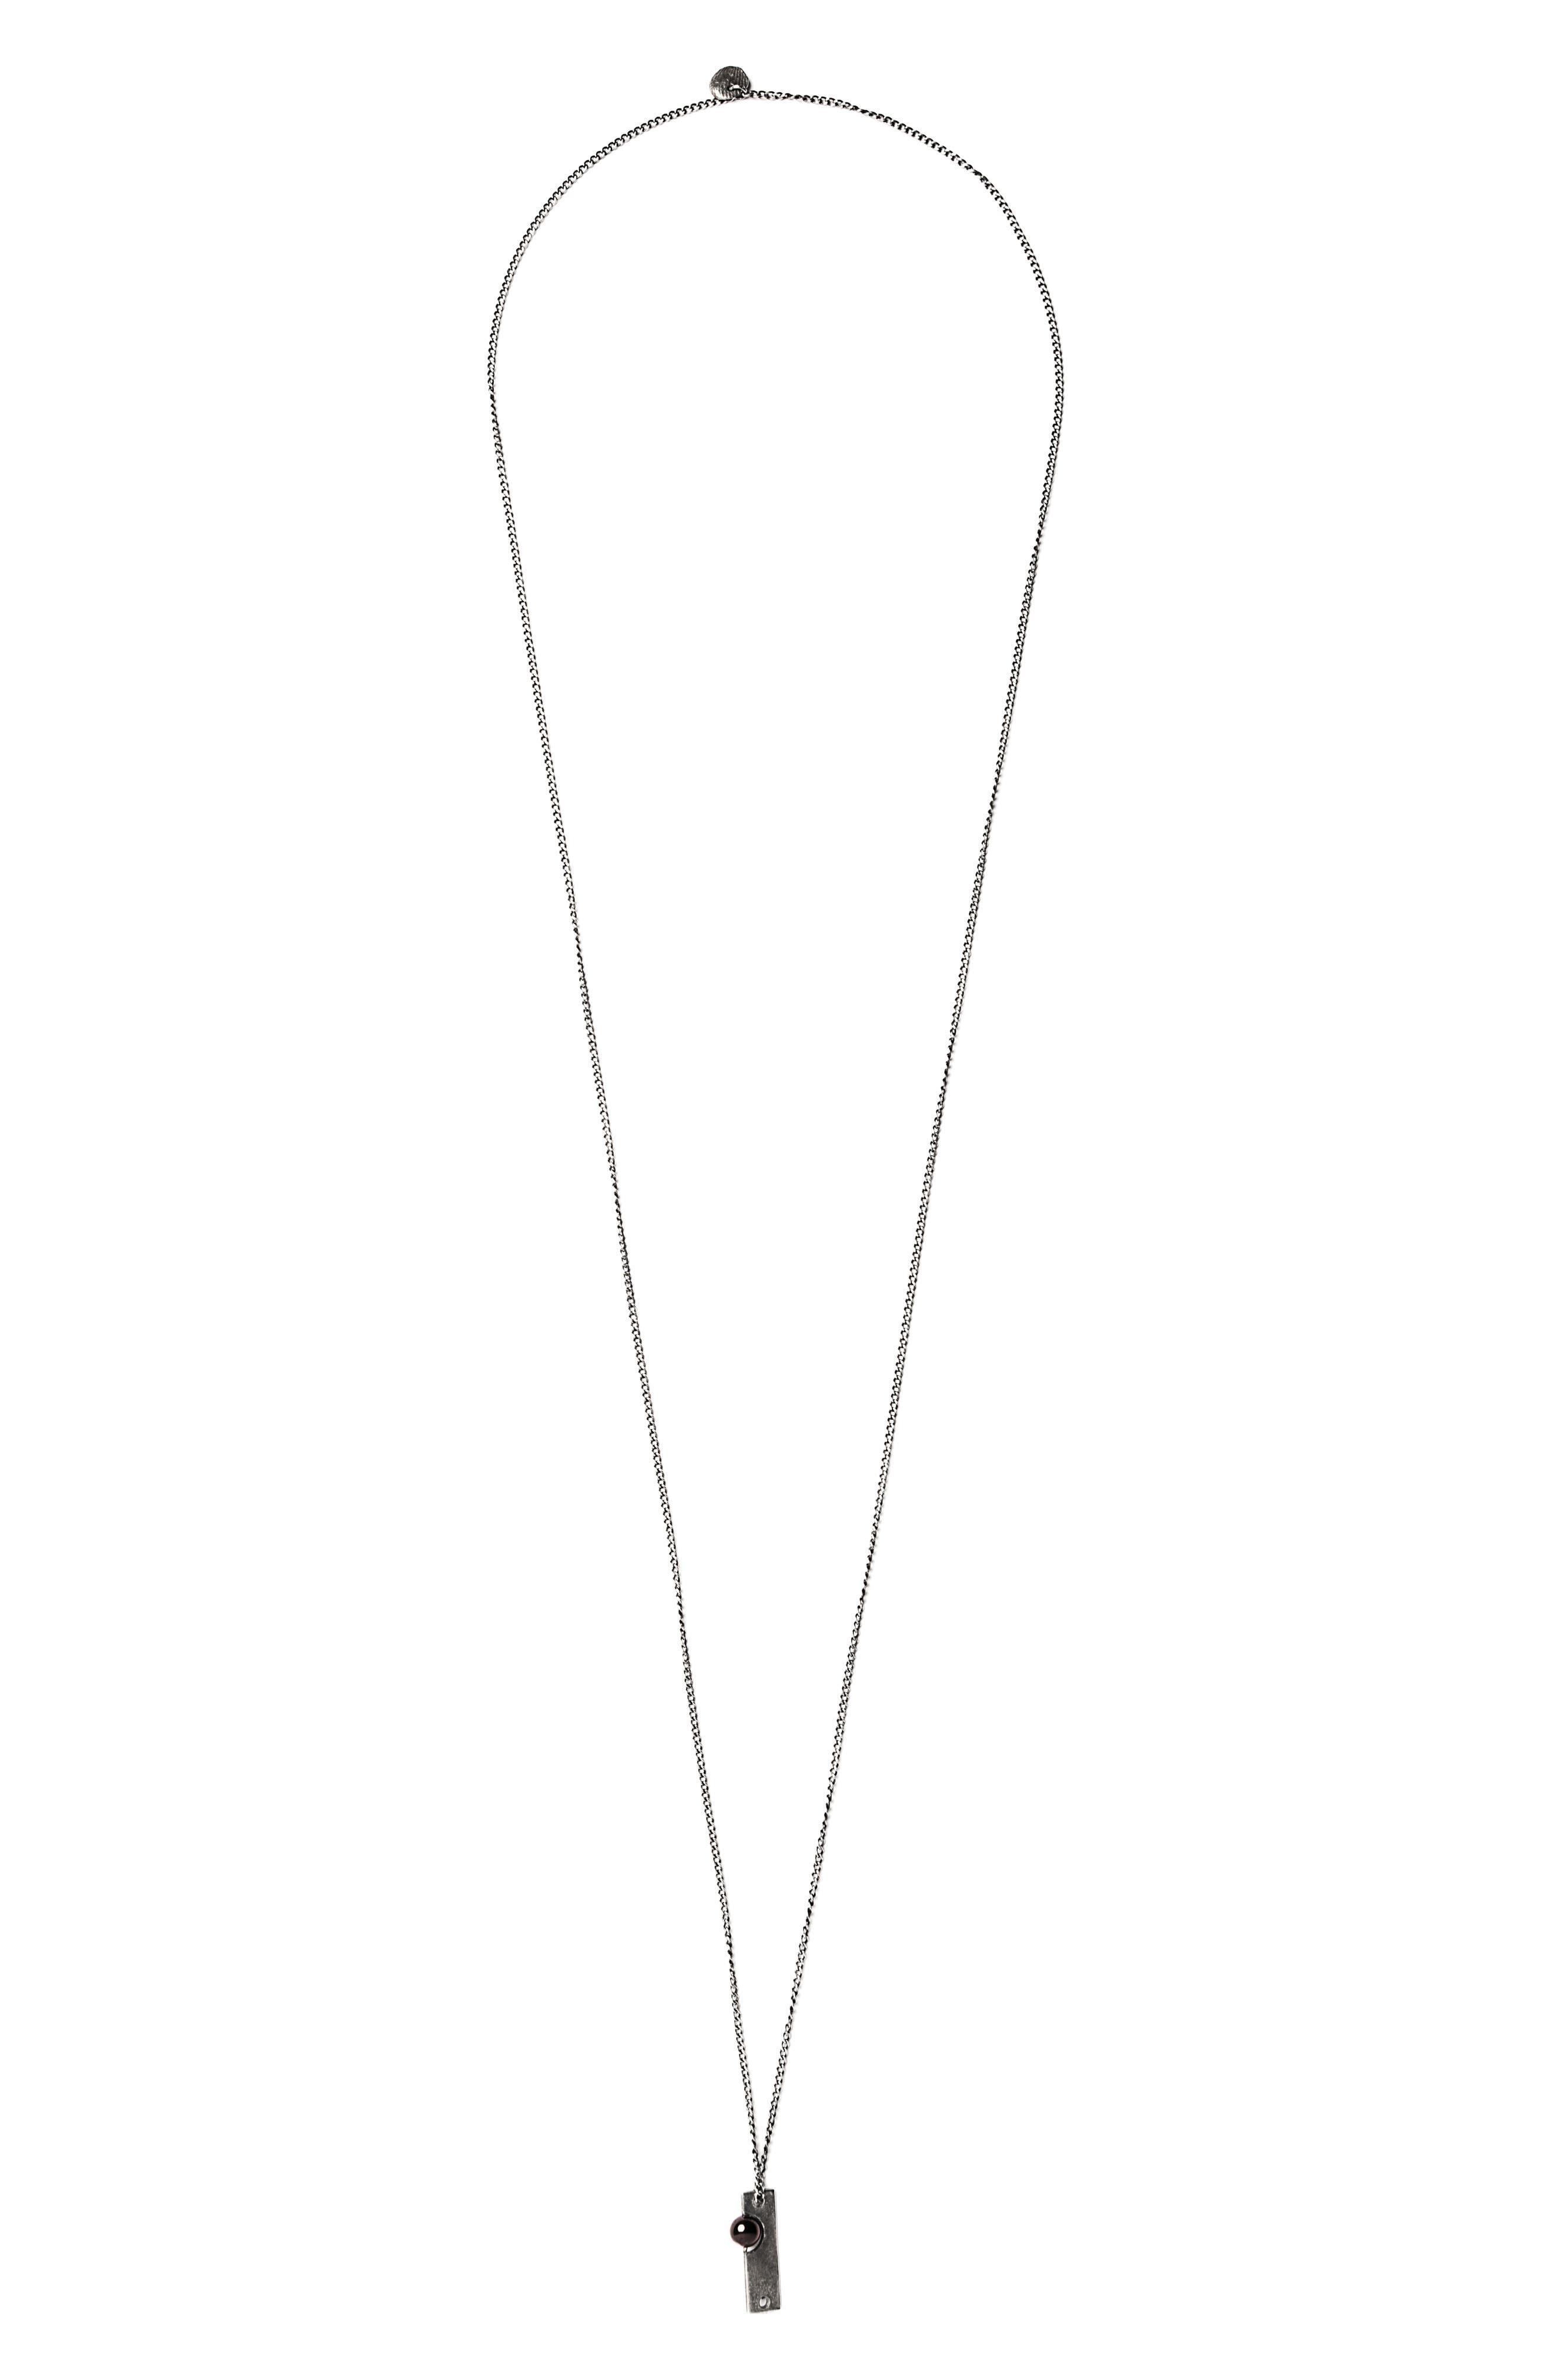 Garnet on Sterling Bar Necklace,                         Main,                         color, Silver